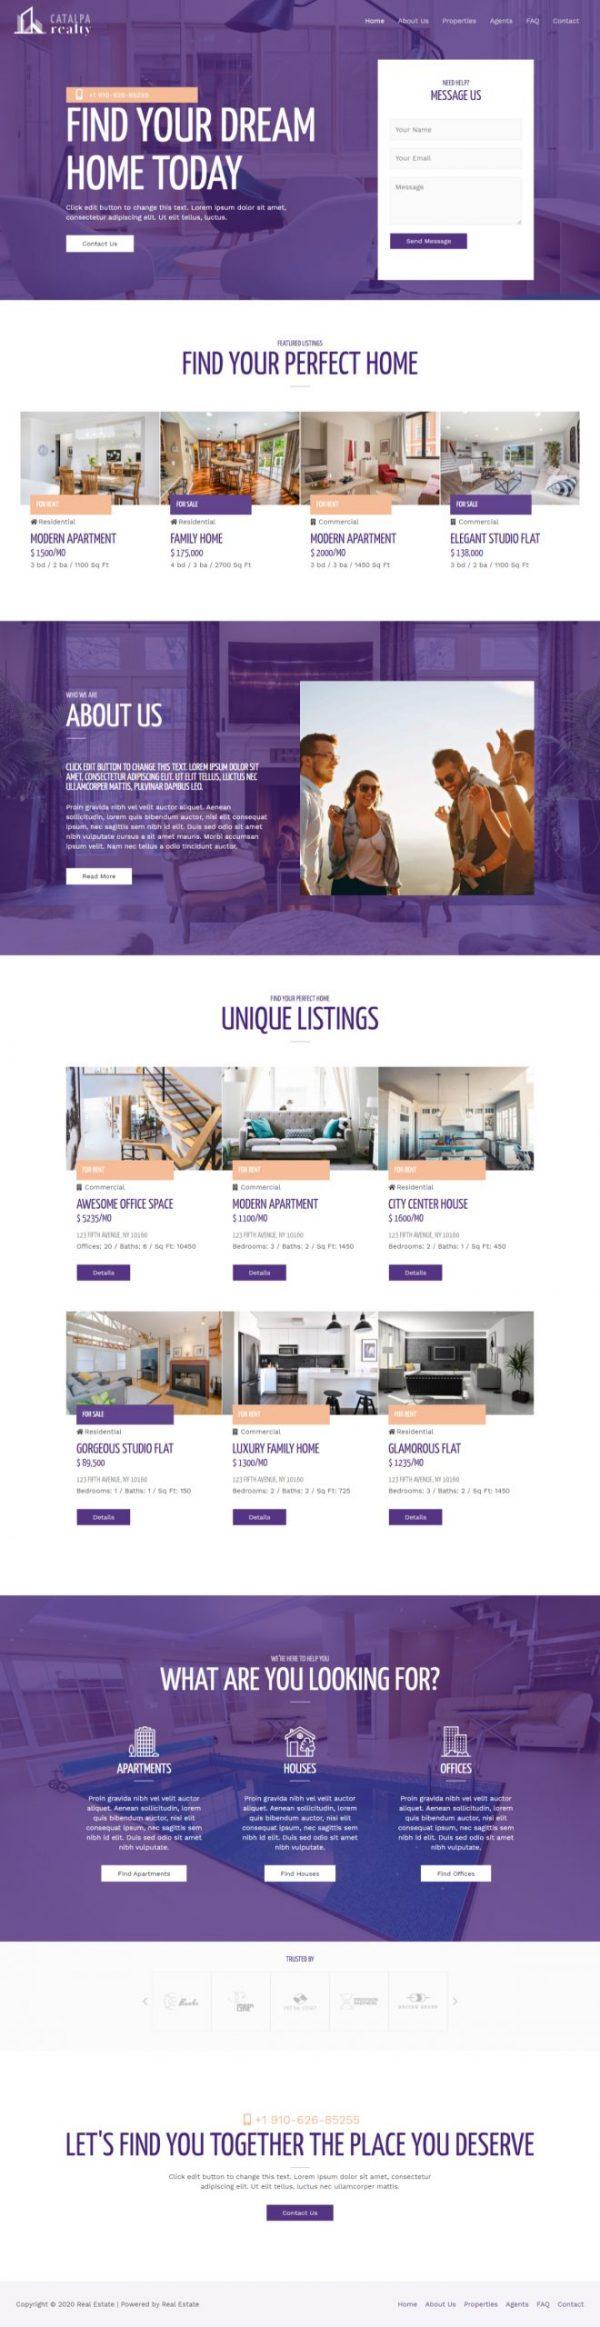 Print do site Corretor de Imóveis - Listagem de Imóveis para alugar ou comprar